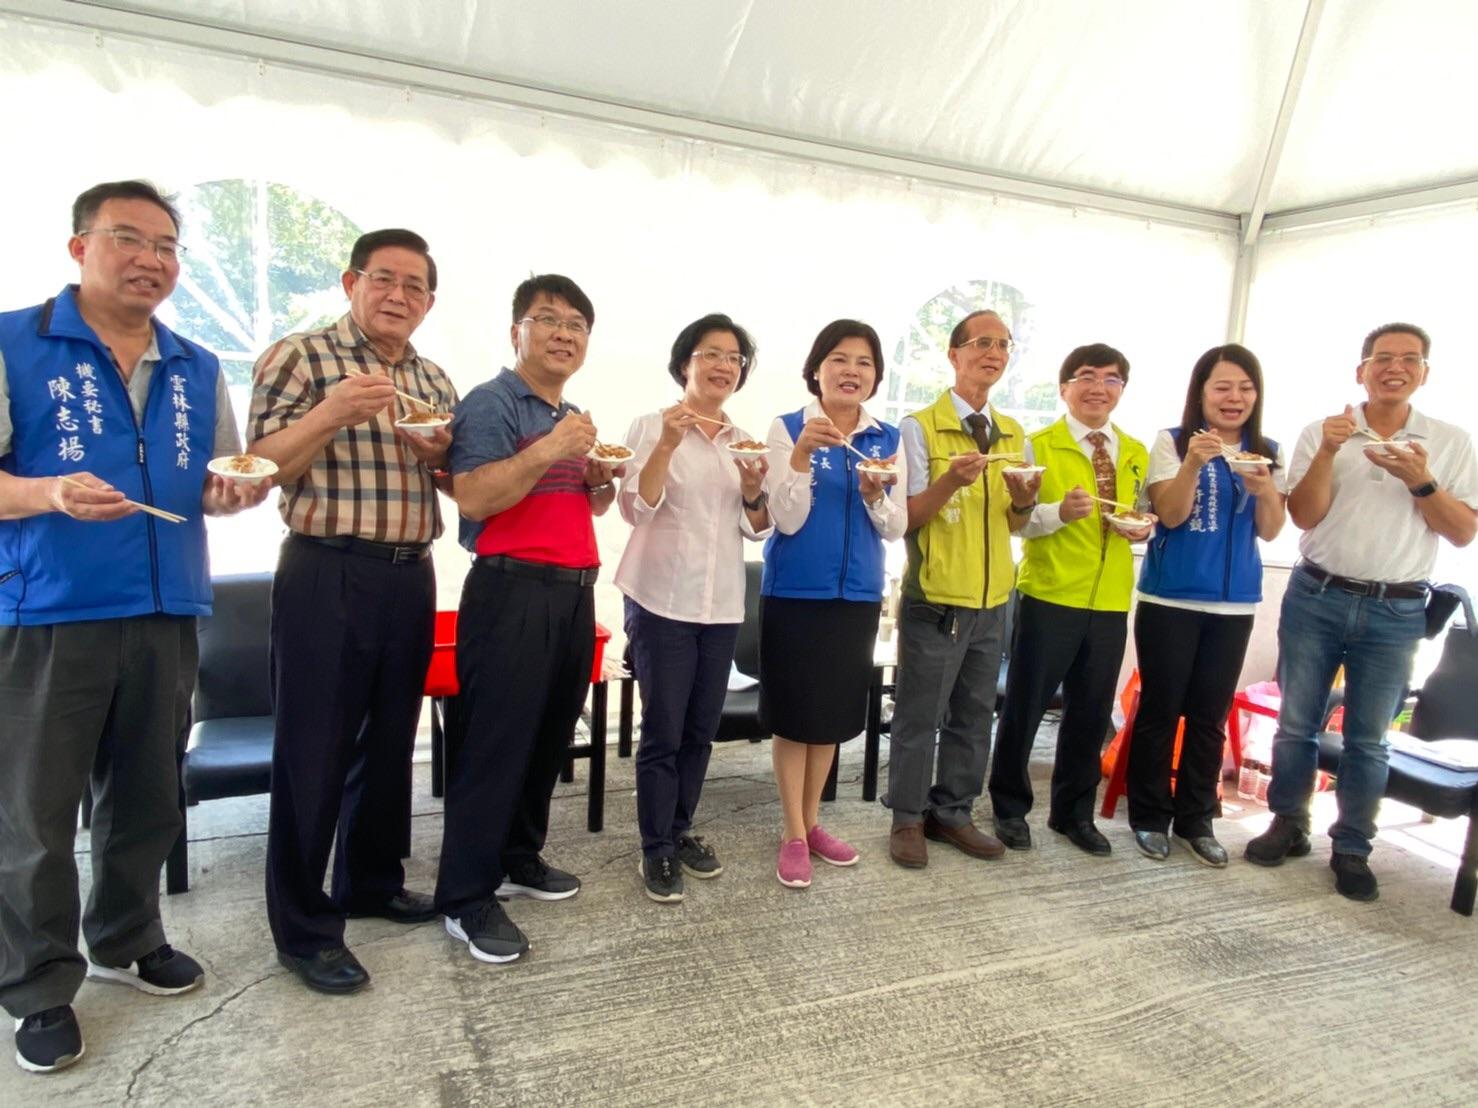 彰化縣政府優質農機廠家參加雲林農機展  首次結合彰化優鮮農特產前進雲林聯合展示